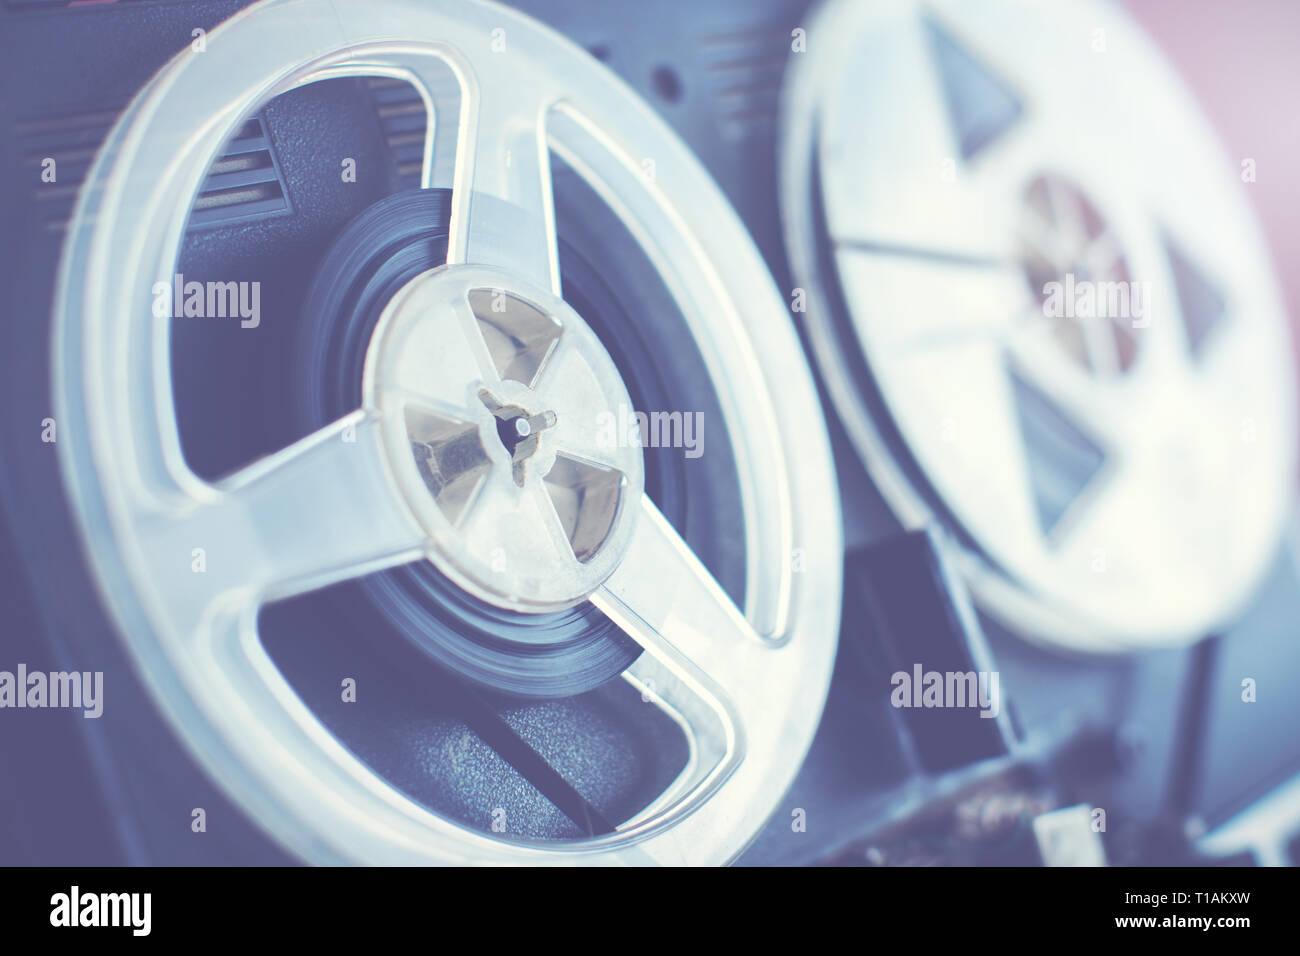 retro audio reel to reel recorder closeup - Stock Image